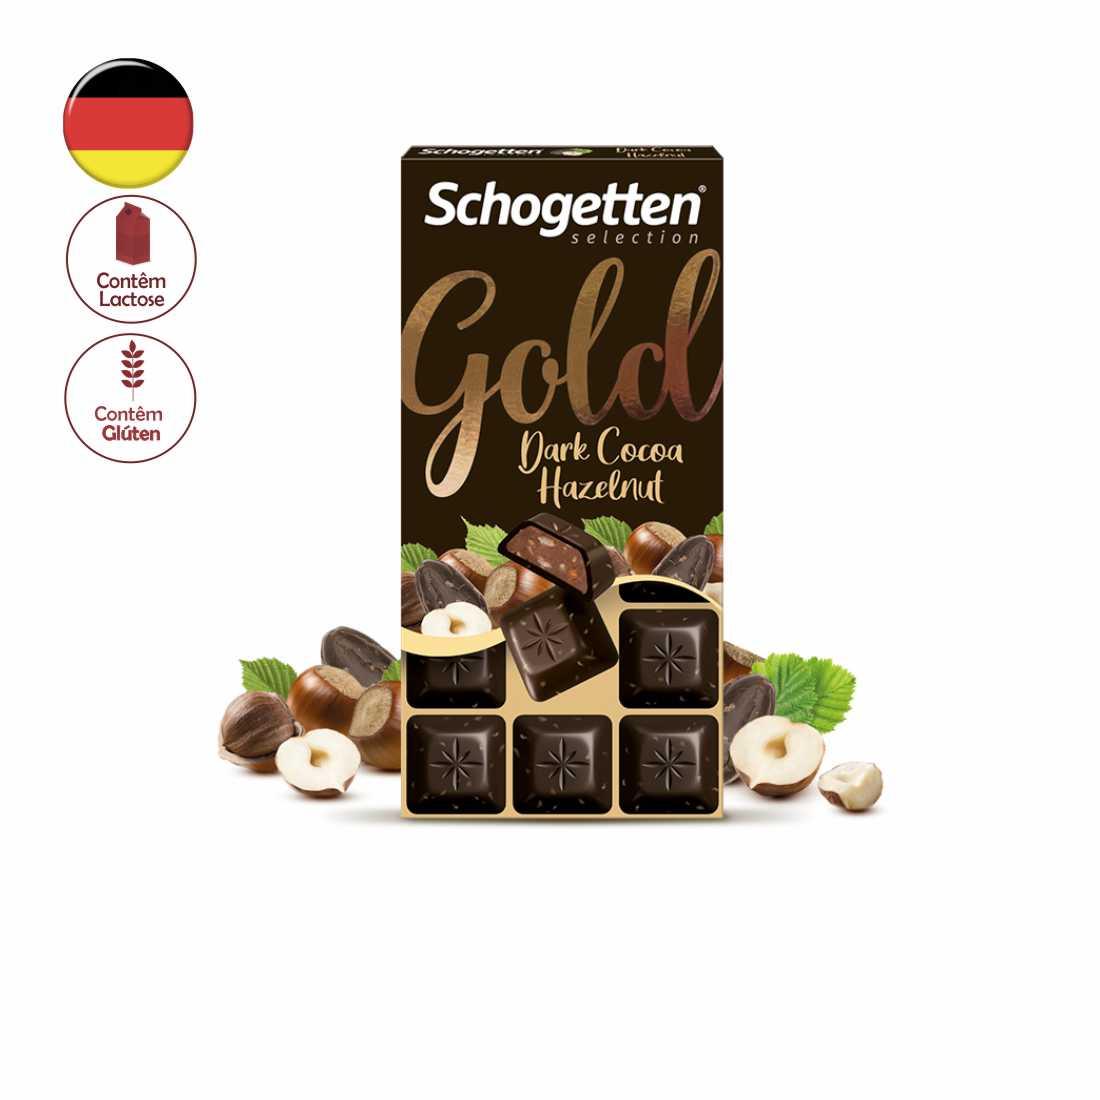 CHOCOLATE SCHOGETTEN GOLD DARK COCOA HAZELNUT 100G